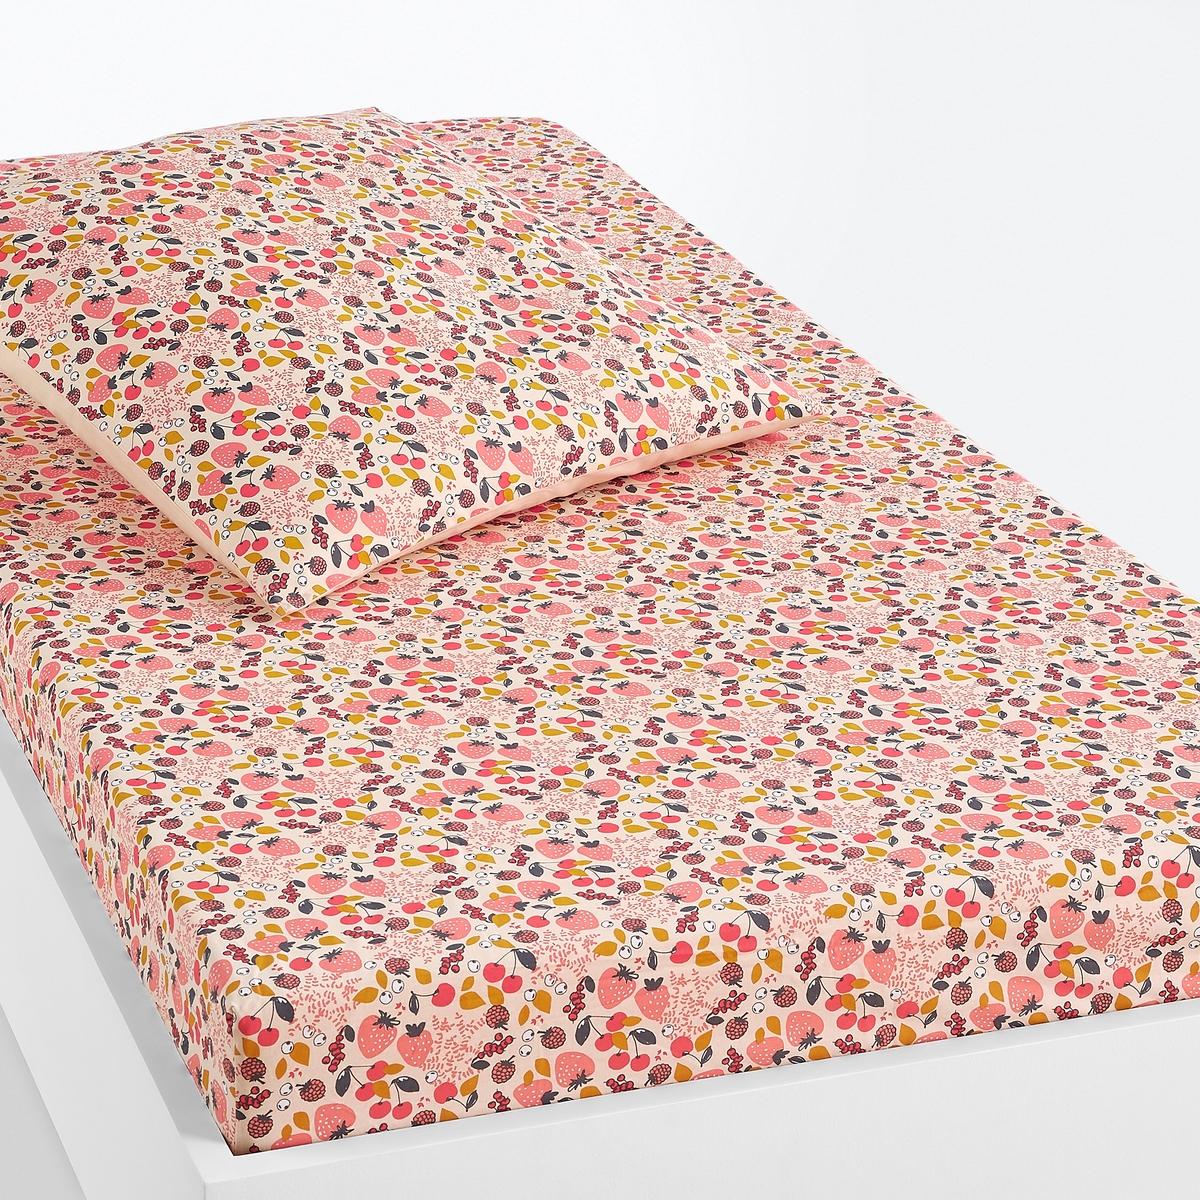 Простыня LaRedoute Натяжная детская FRAISE 90 x 140 см розовый